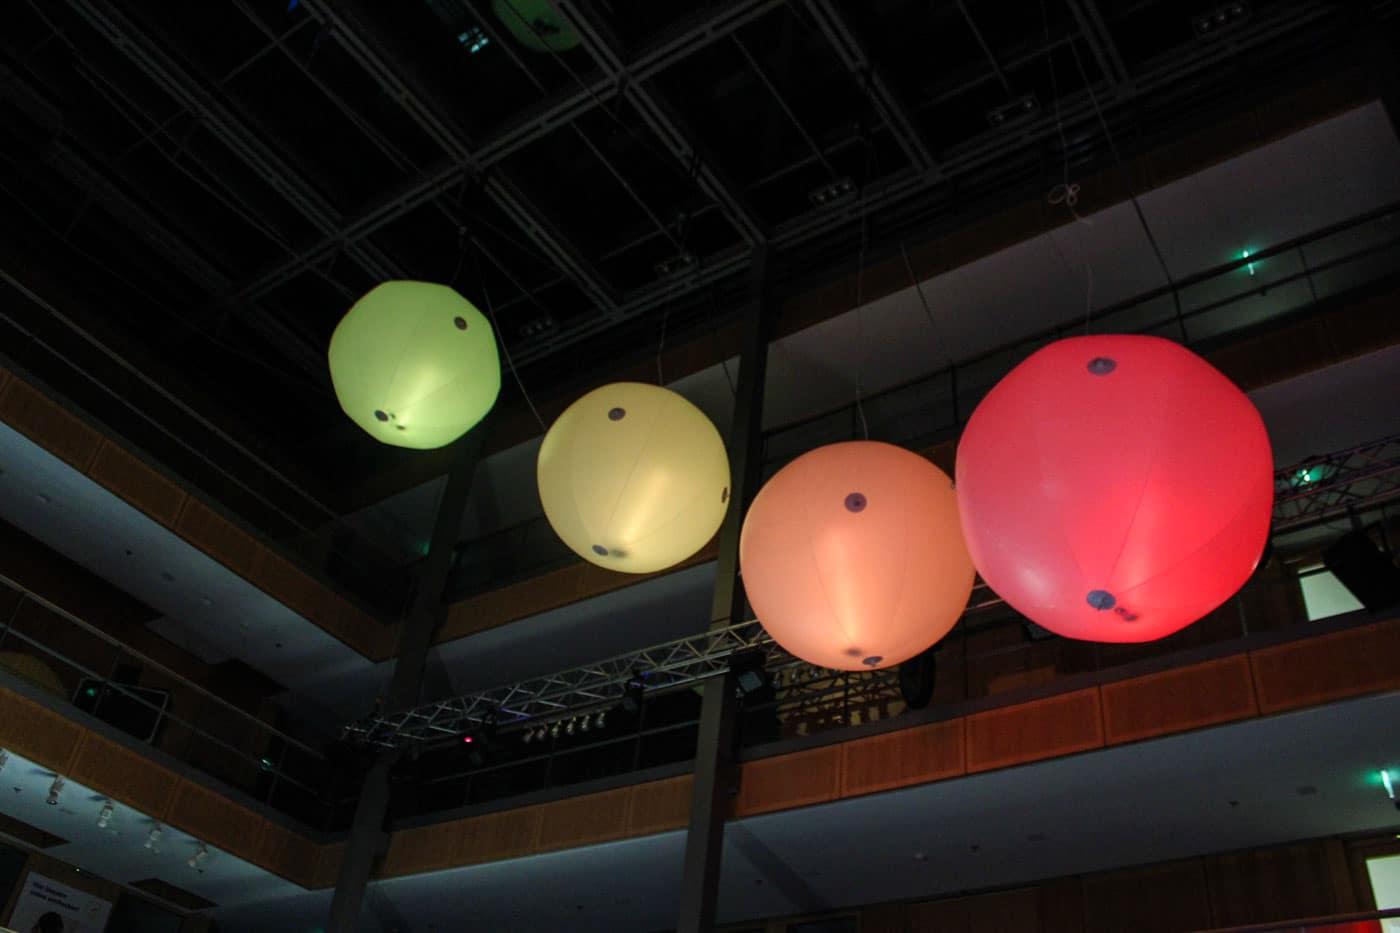 Messeballons von der Decke abgehangen zu dekozwecken